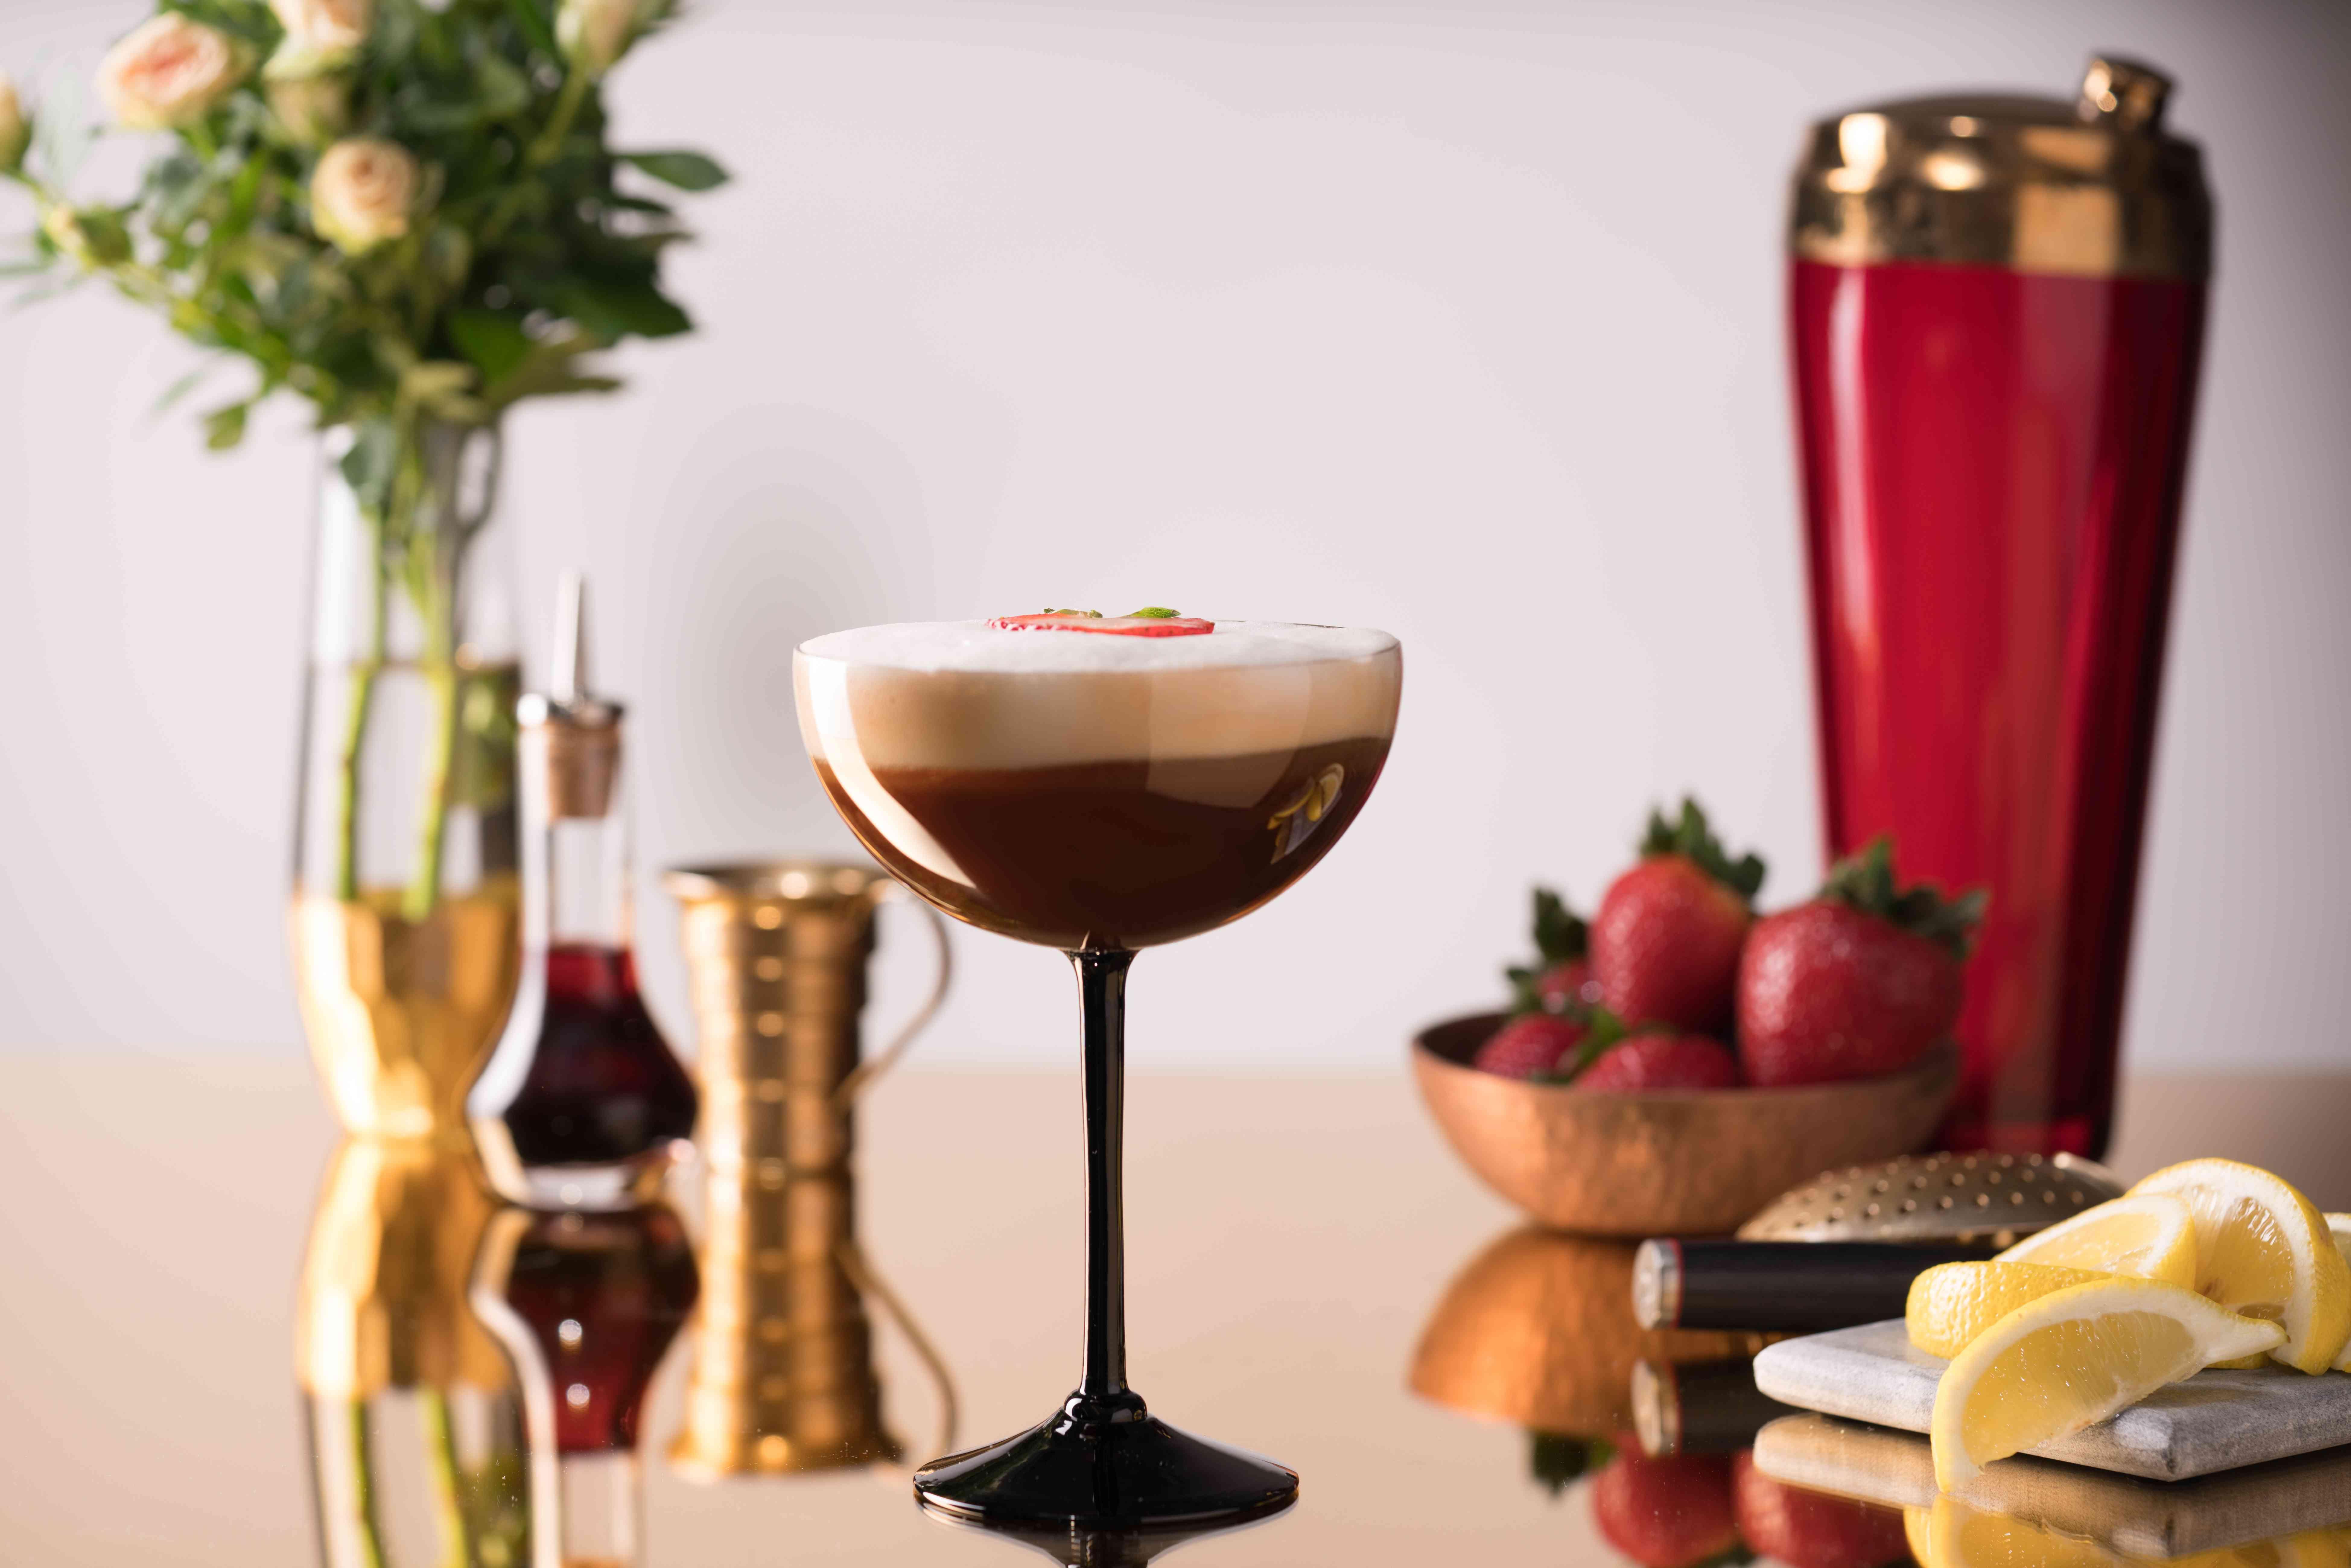 alcohol, signature cocktails, drink, glass, scotch, mezcal, citrus, lemon, strawberries, coupe, garnish